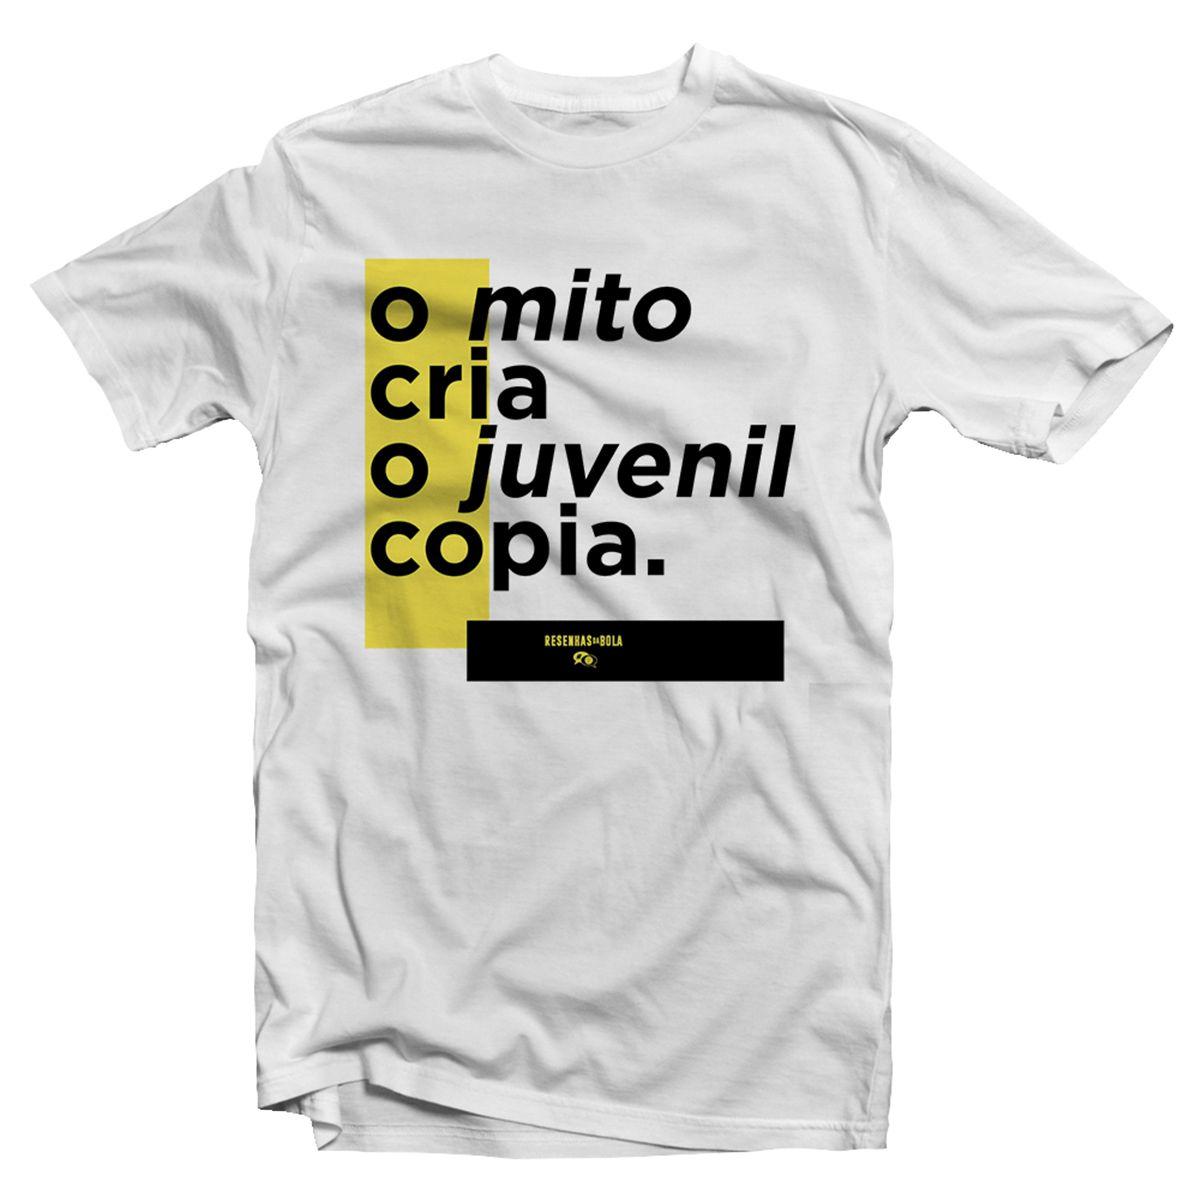 Camiseta - O MITO CRIA, O JUVENIL COPIA. Masculino